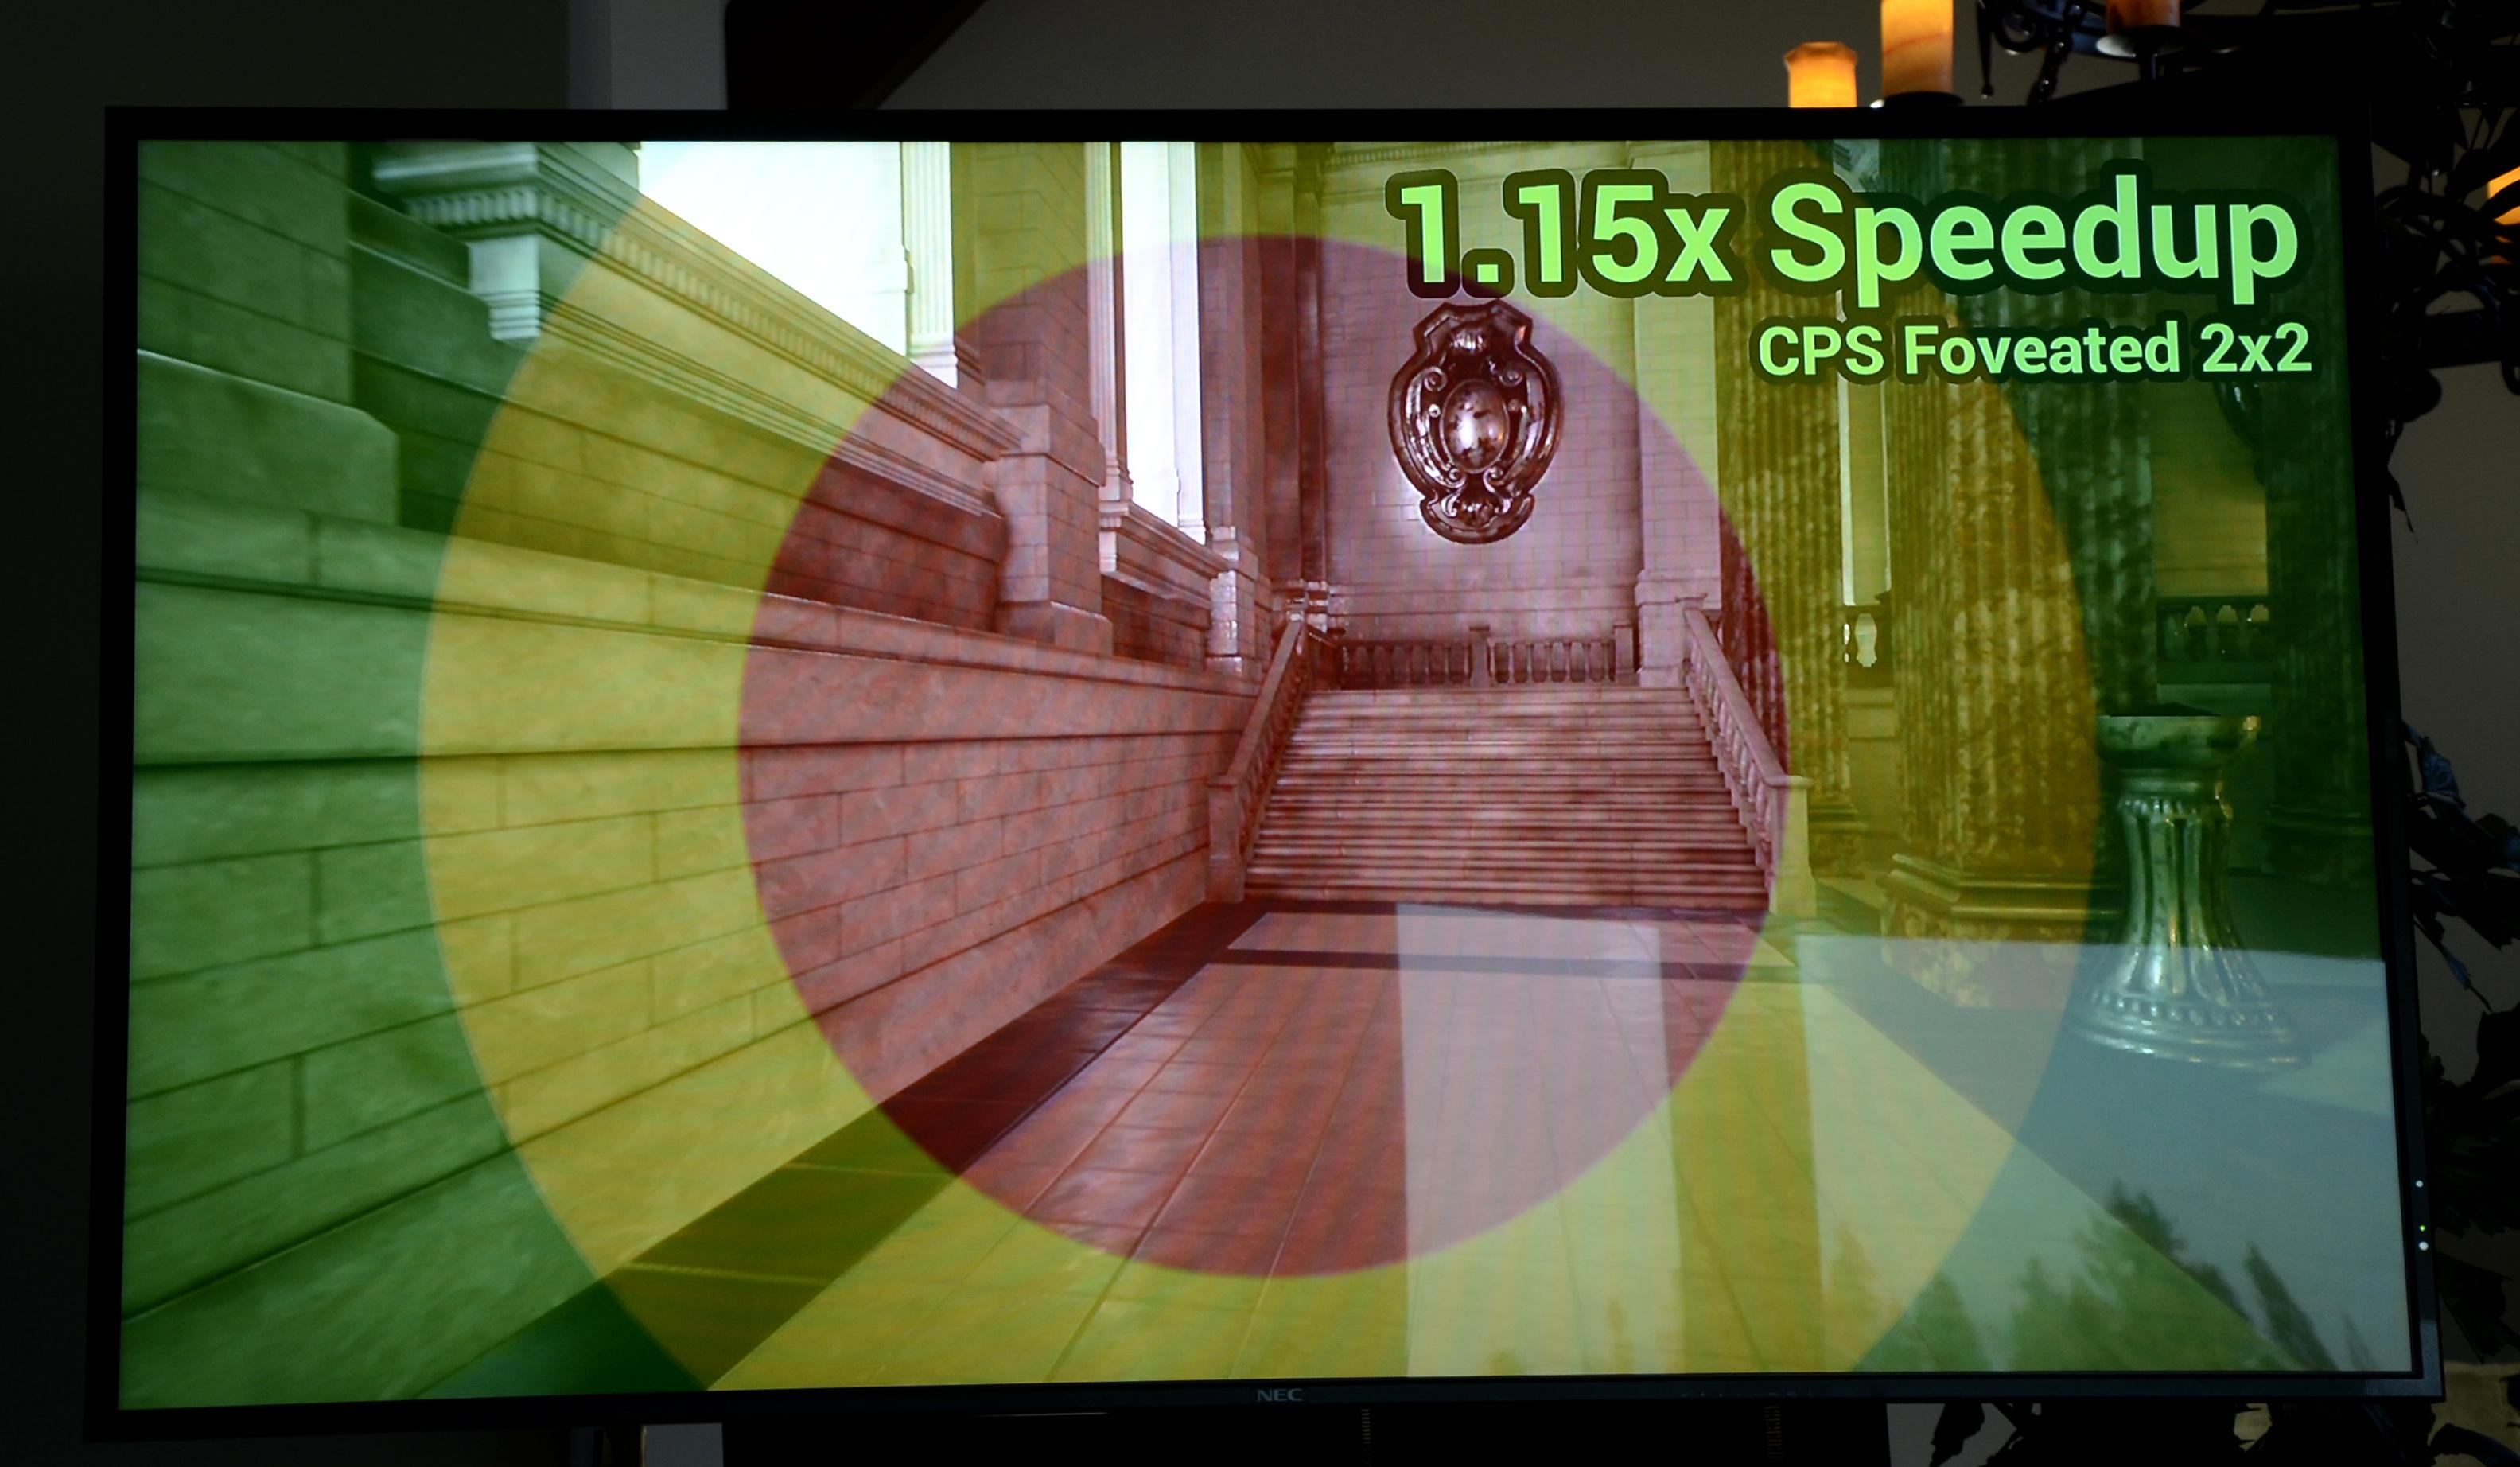 Ice Lake: Intels nächste GPU doppelt so schnell und auf Wunsch ungenau - Die Bildbereiche von CPS - nur im roten Kreis wird alles gerendert. (Bild: Nico Ernst)